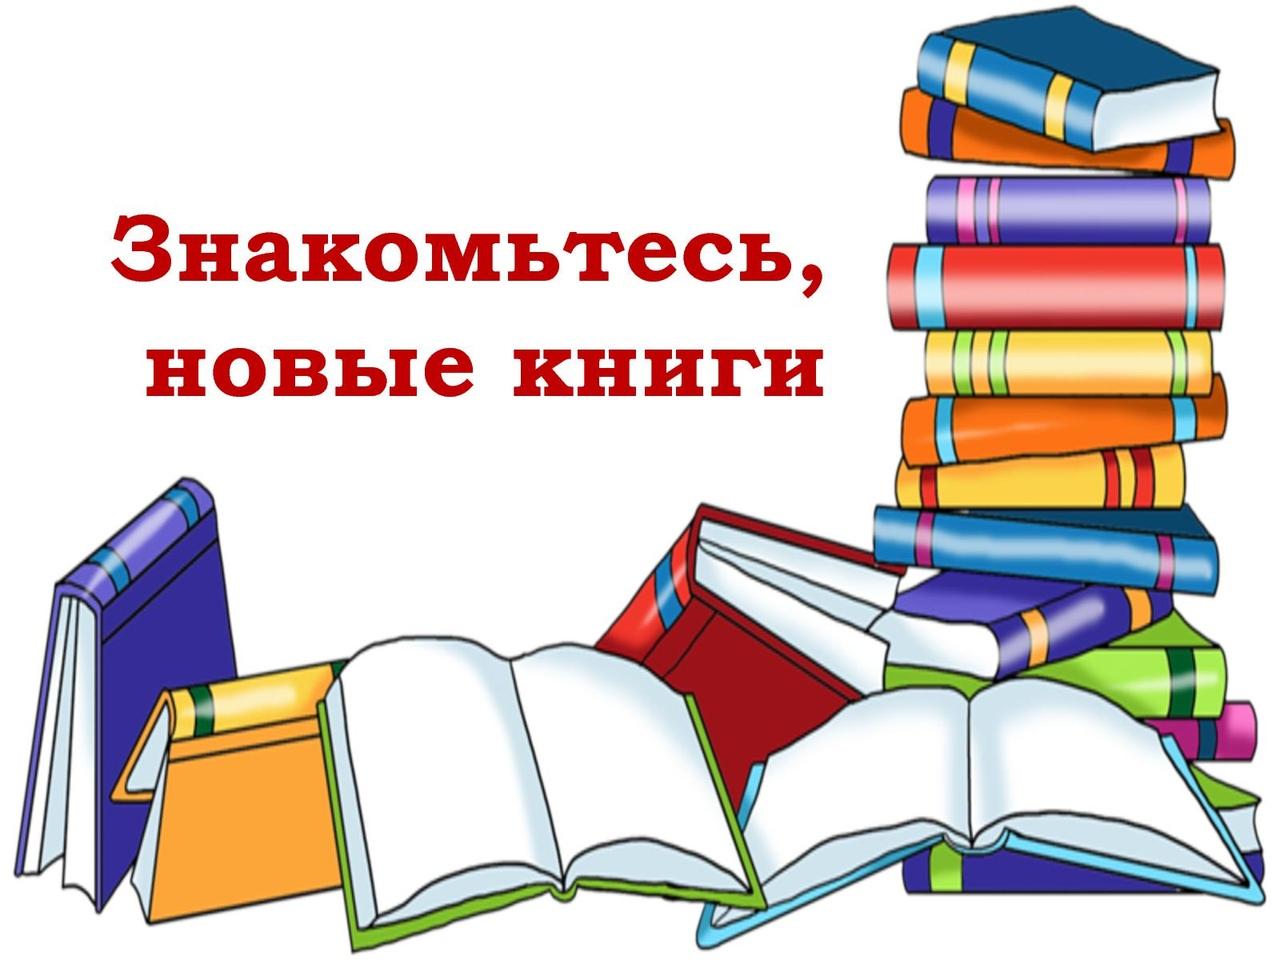 Библиотечные картинки знакомьтесь новые книги, сергею днем